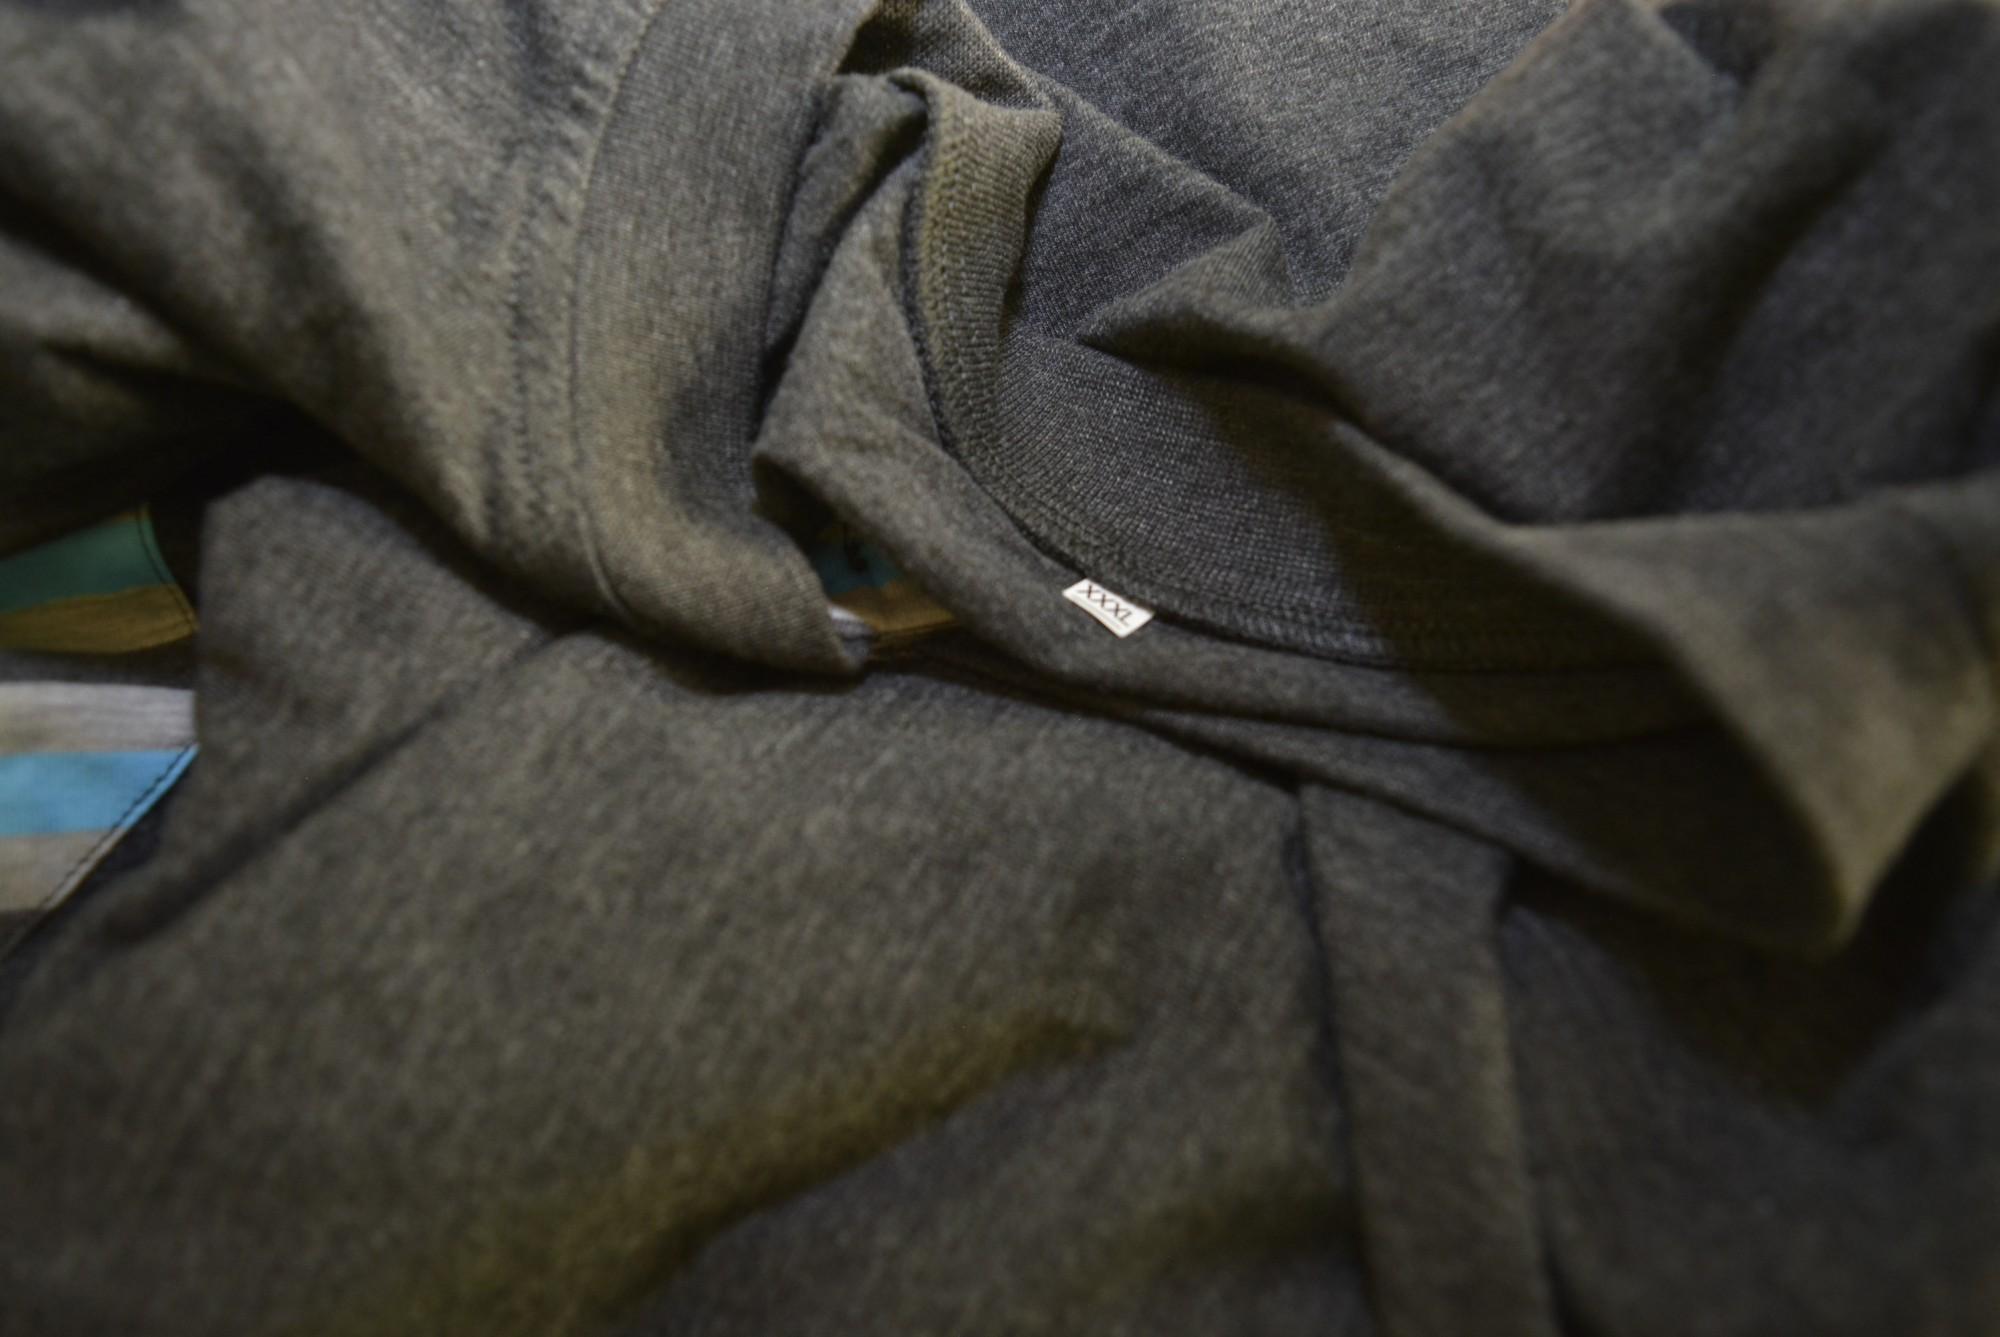 f1b7e3abb3 Pijama bumbac de vara in 3 nasturi cu pantalon scurt 3 XL ALAMICUTZU ...